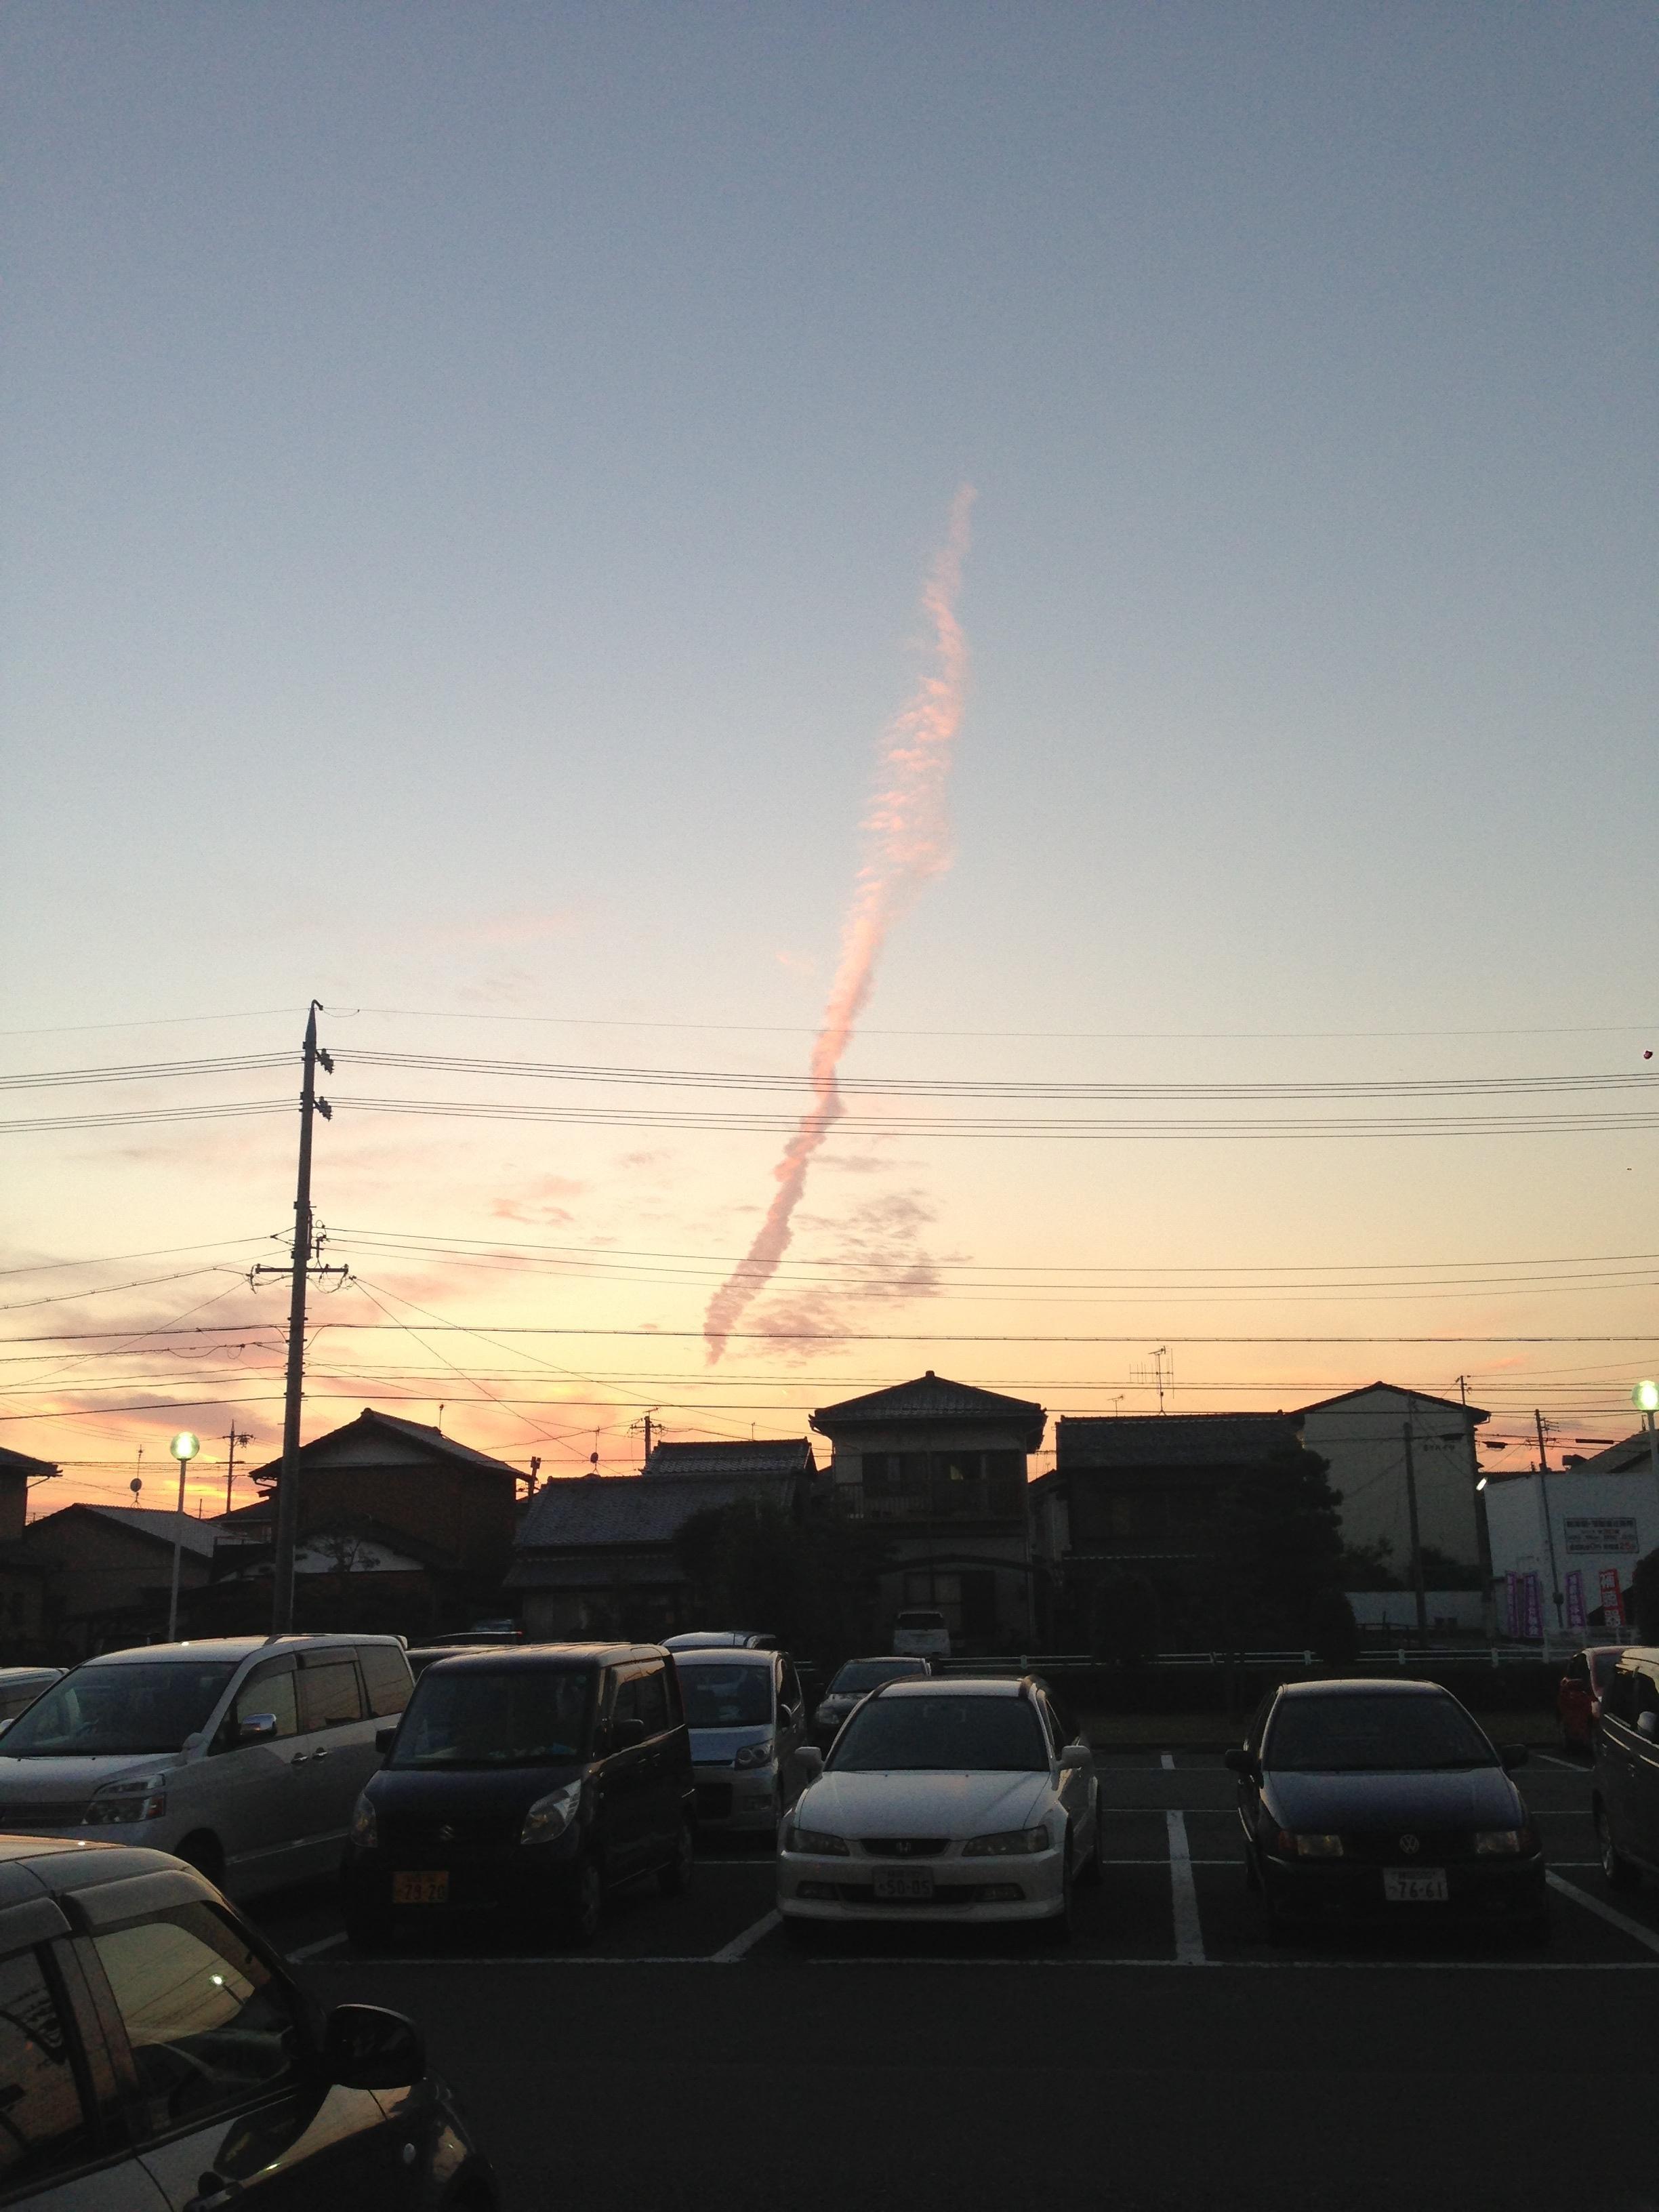 【静岡県】 地震雲やばすぎワロタwwwwwwwwww